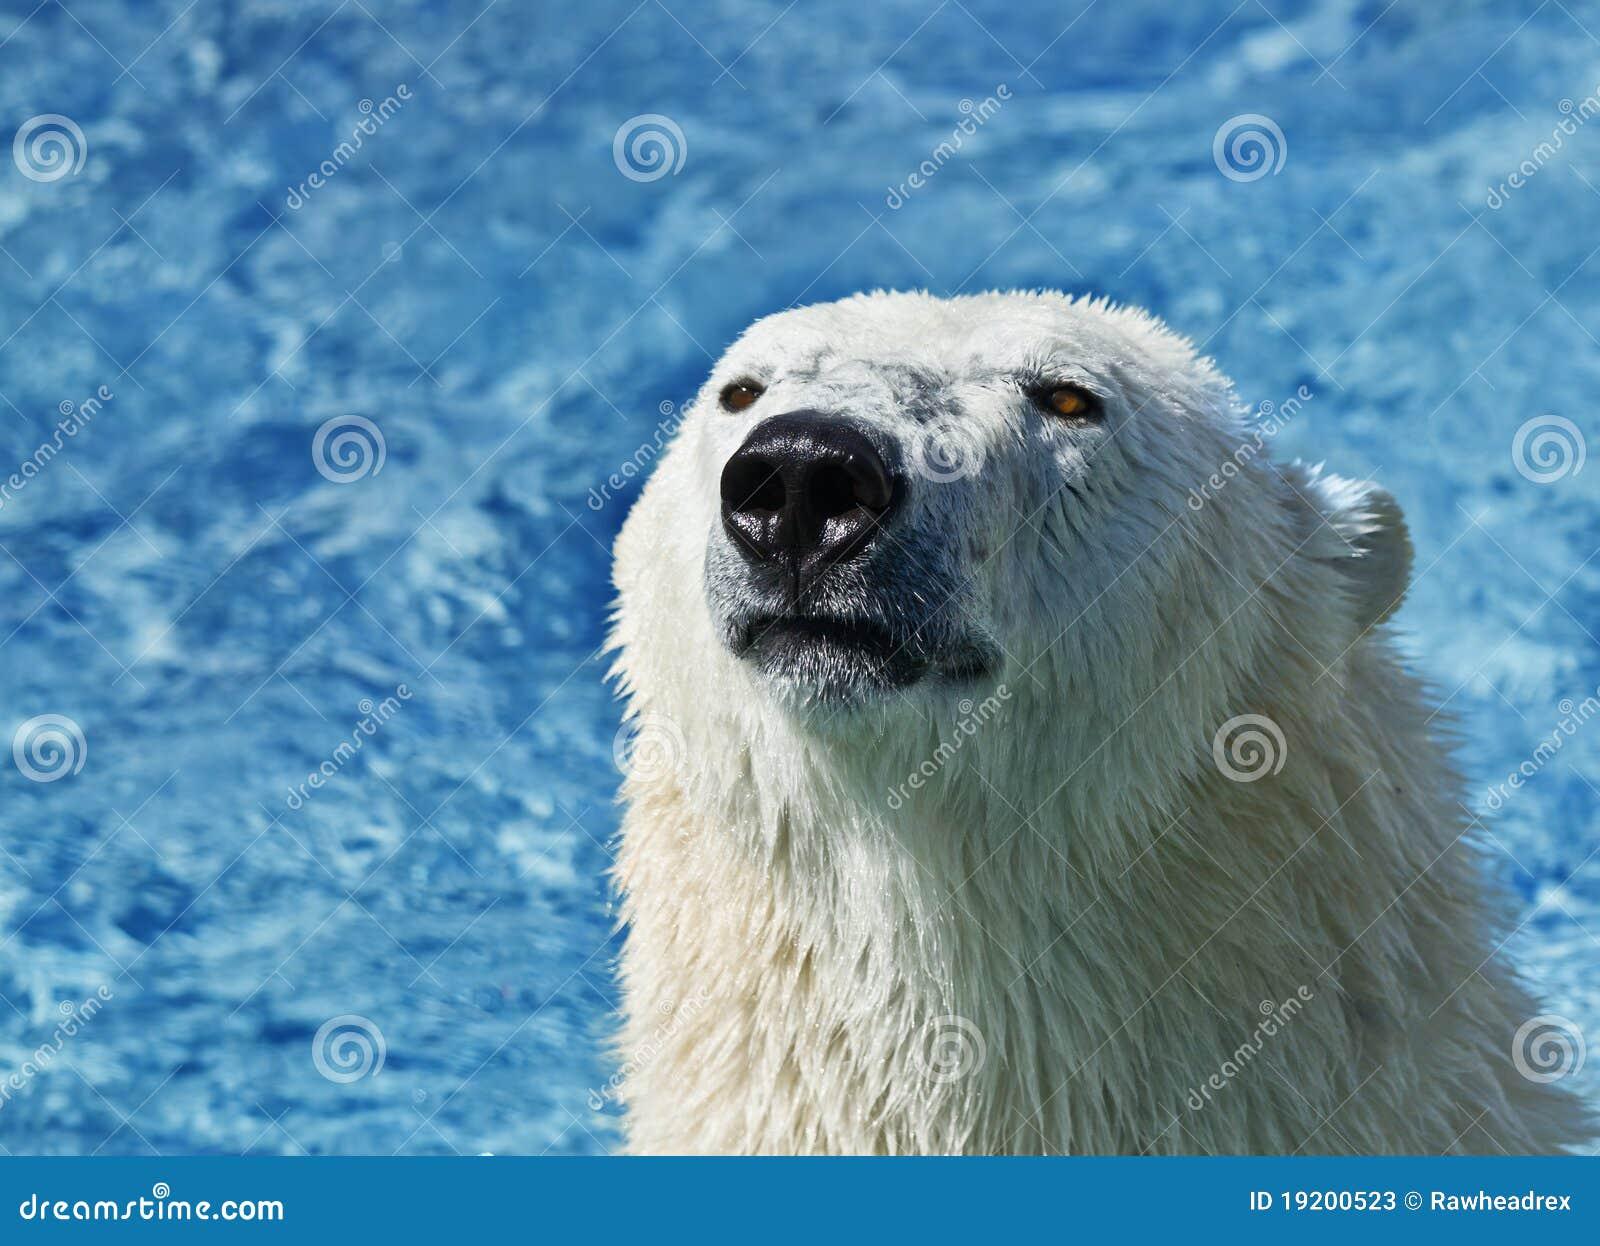 Polar bear close up